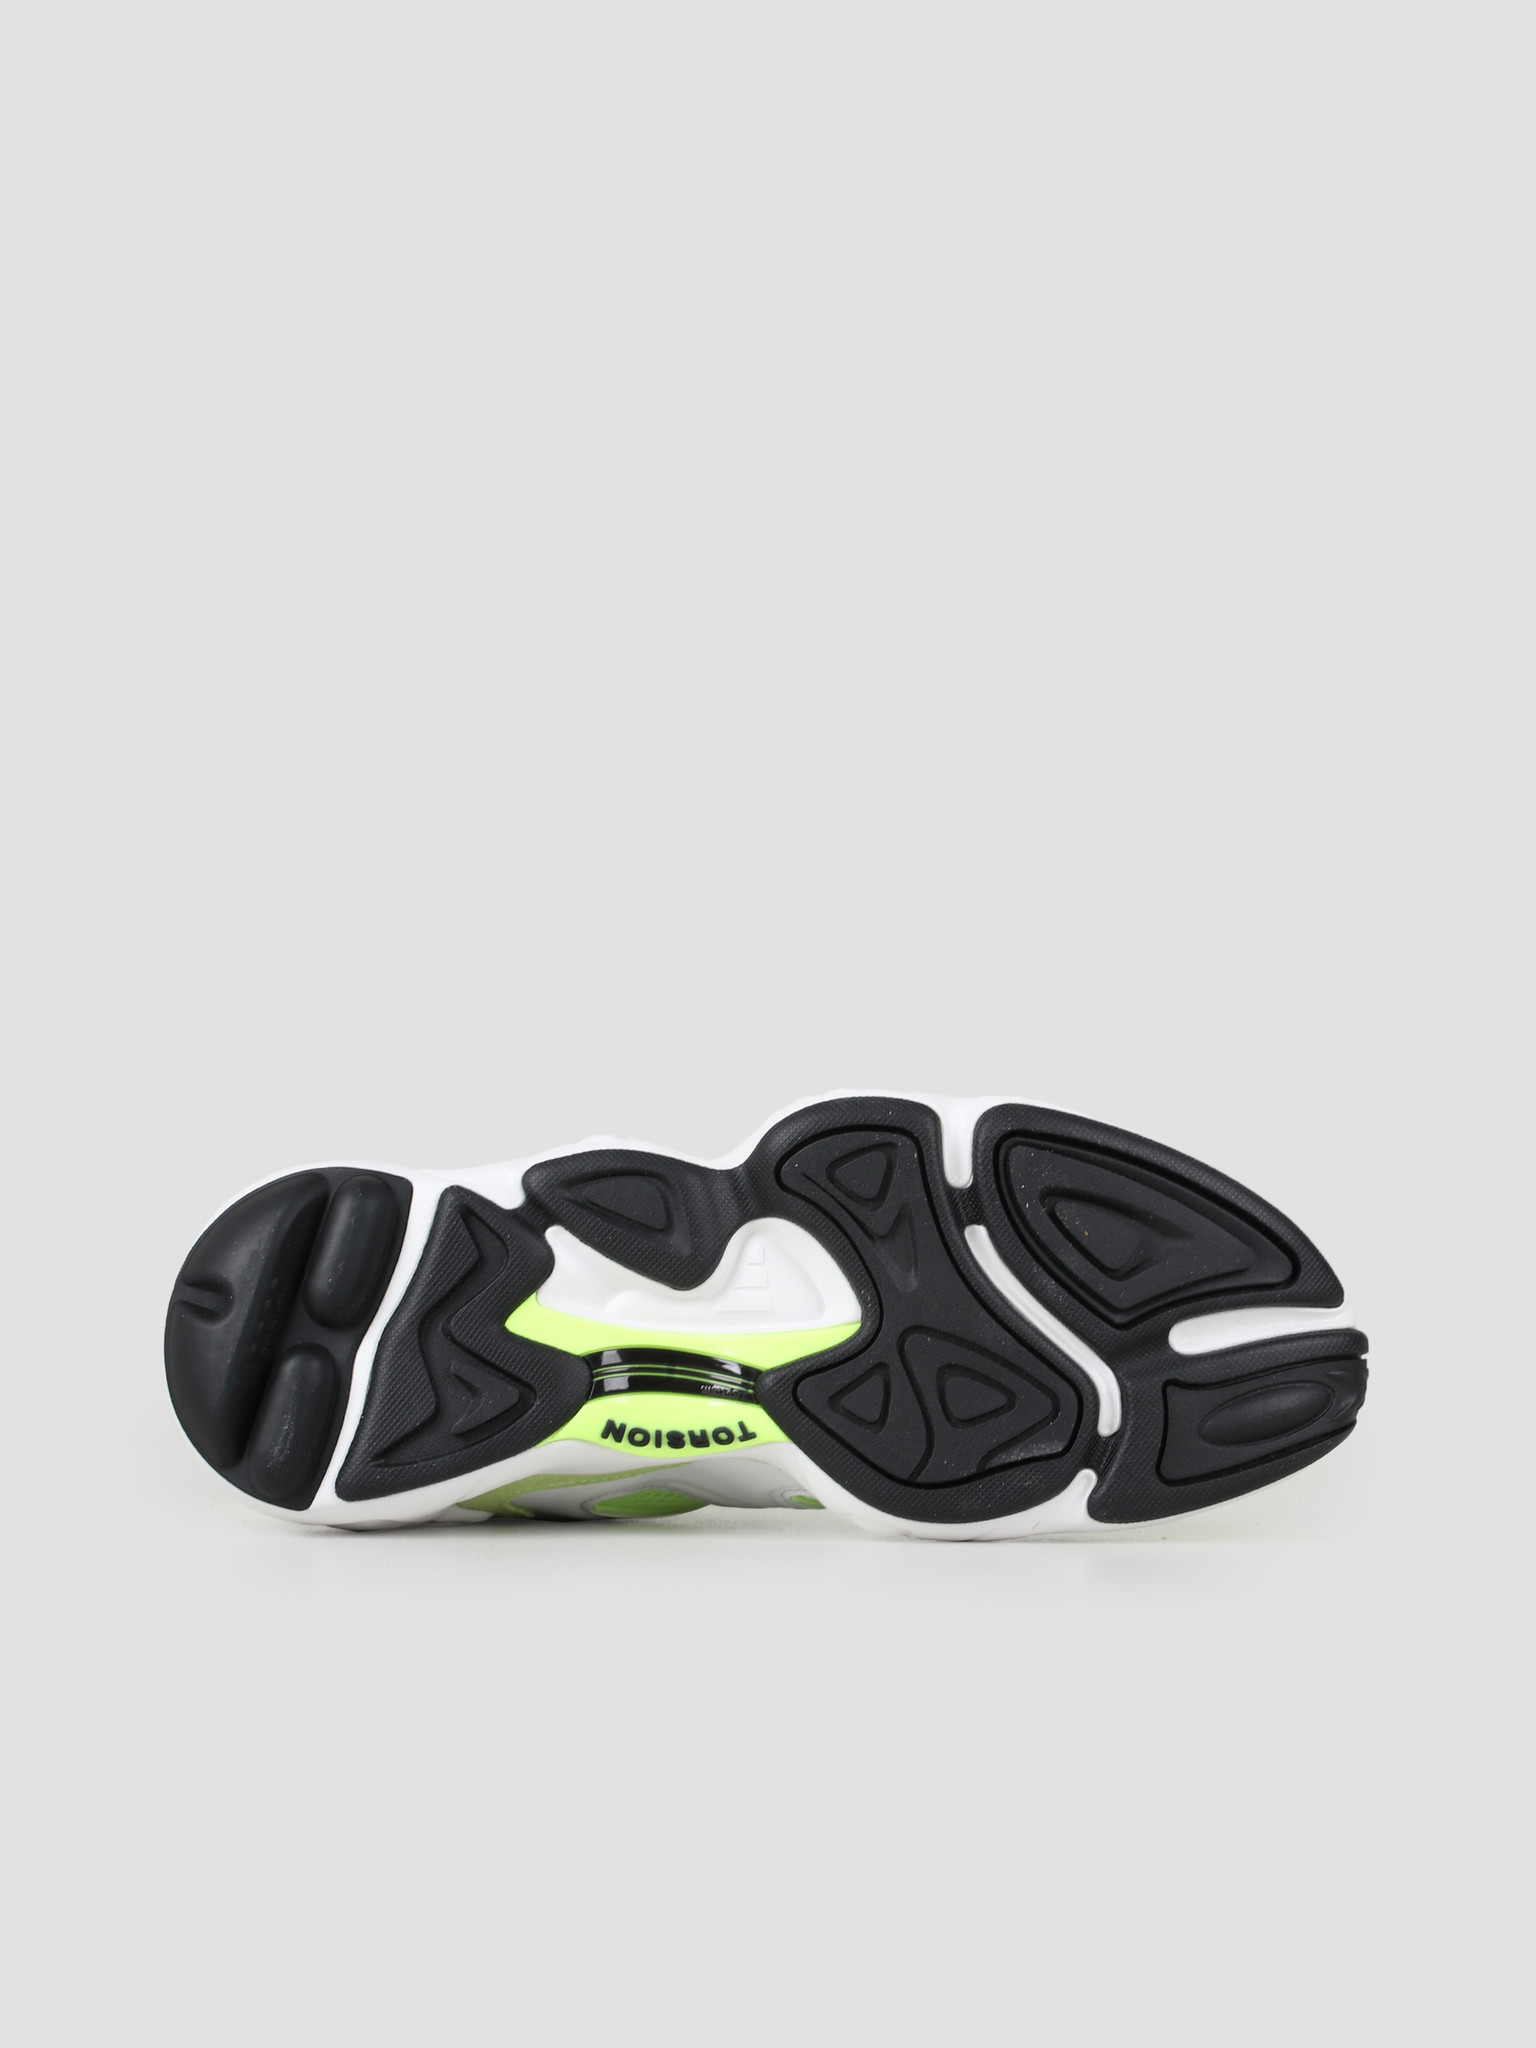 adidas adidas FYW S-97 W Hireye Cry White Black EE5326